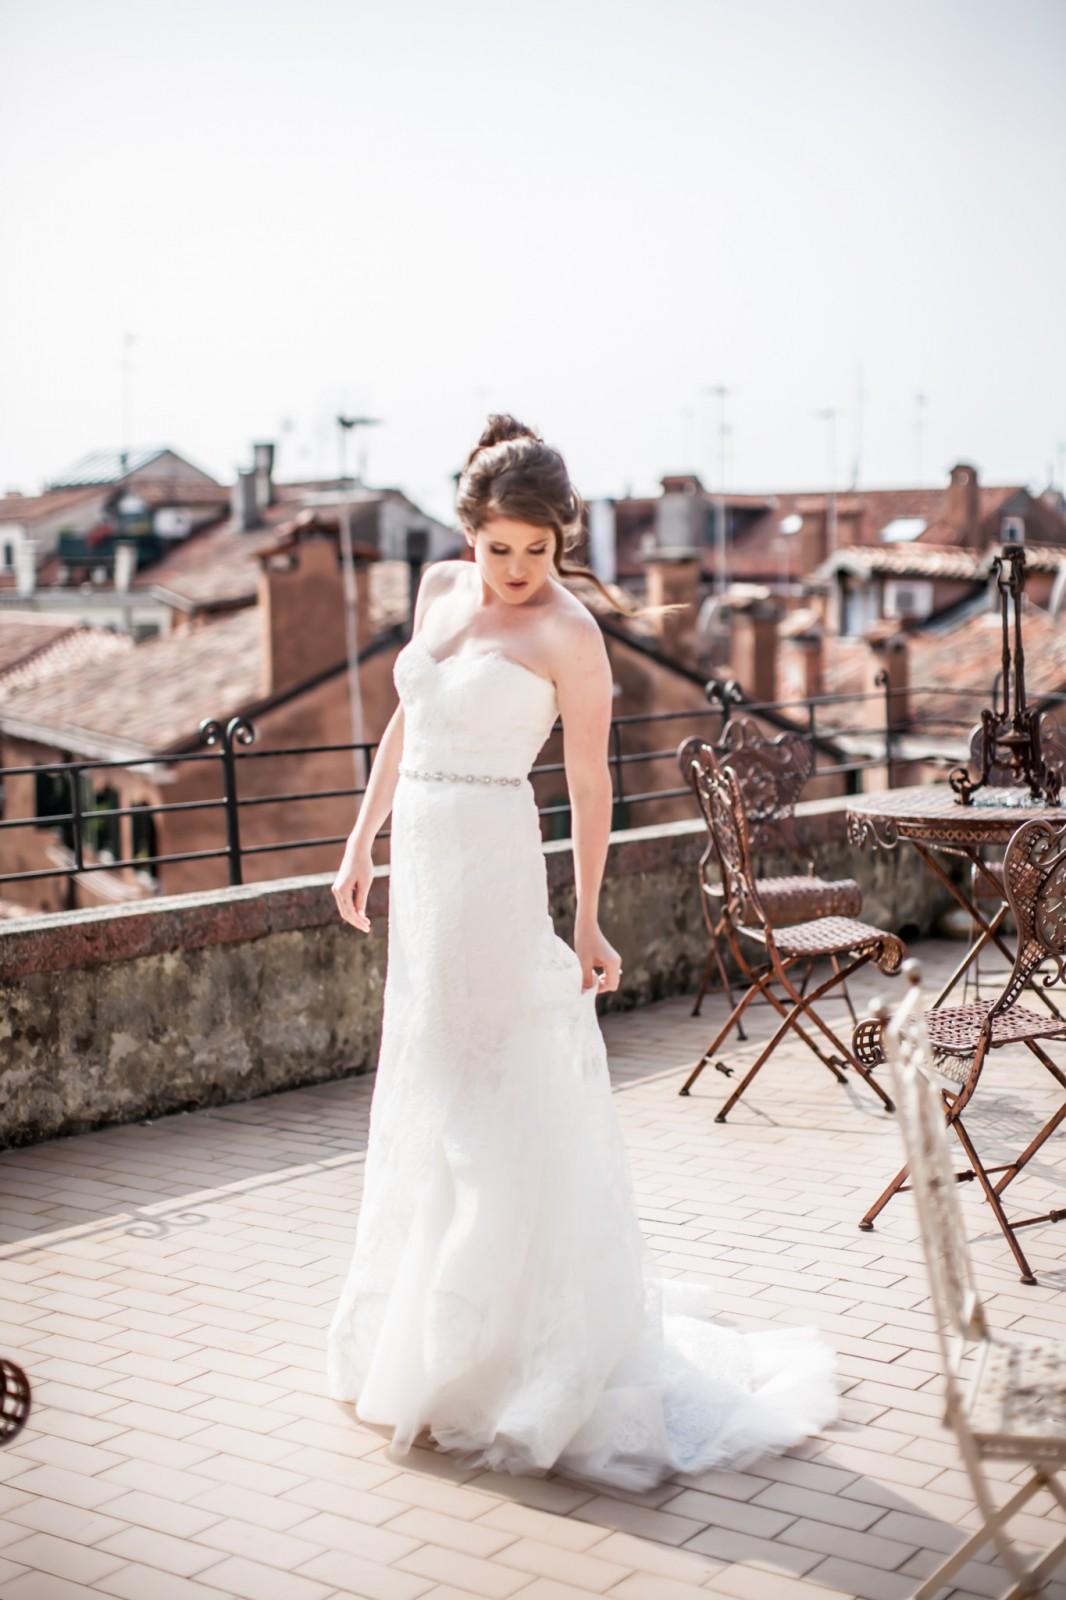 Joshua e Ashley from Boston,23 September 2014 - Jewish wedding in Venice by Michela Zucchini Studio-3